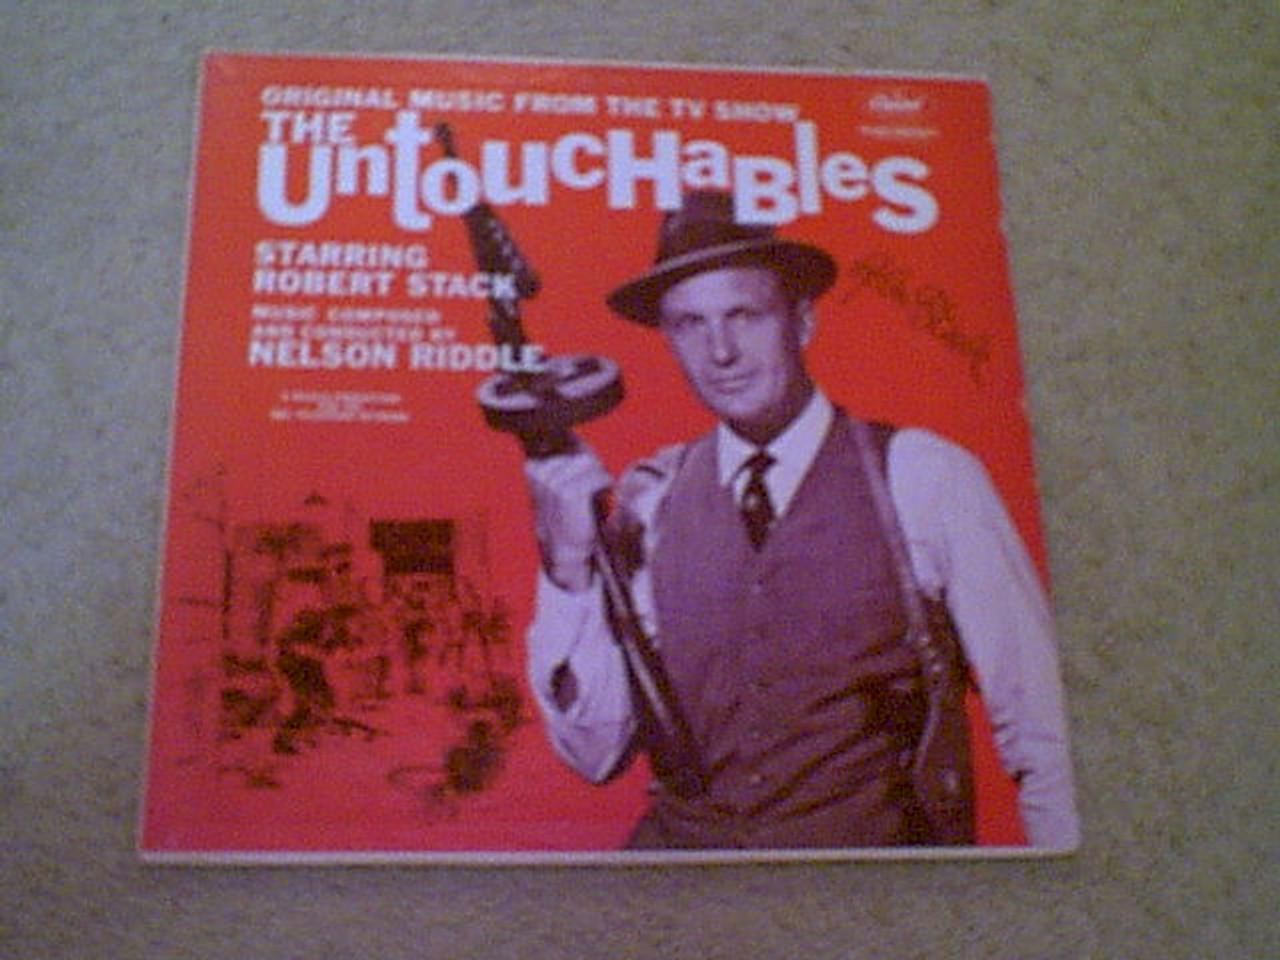 """Stack, Robert """"The Untouchables"""" 1960 LP Signed Autograph Theme Photo"""